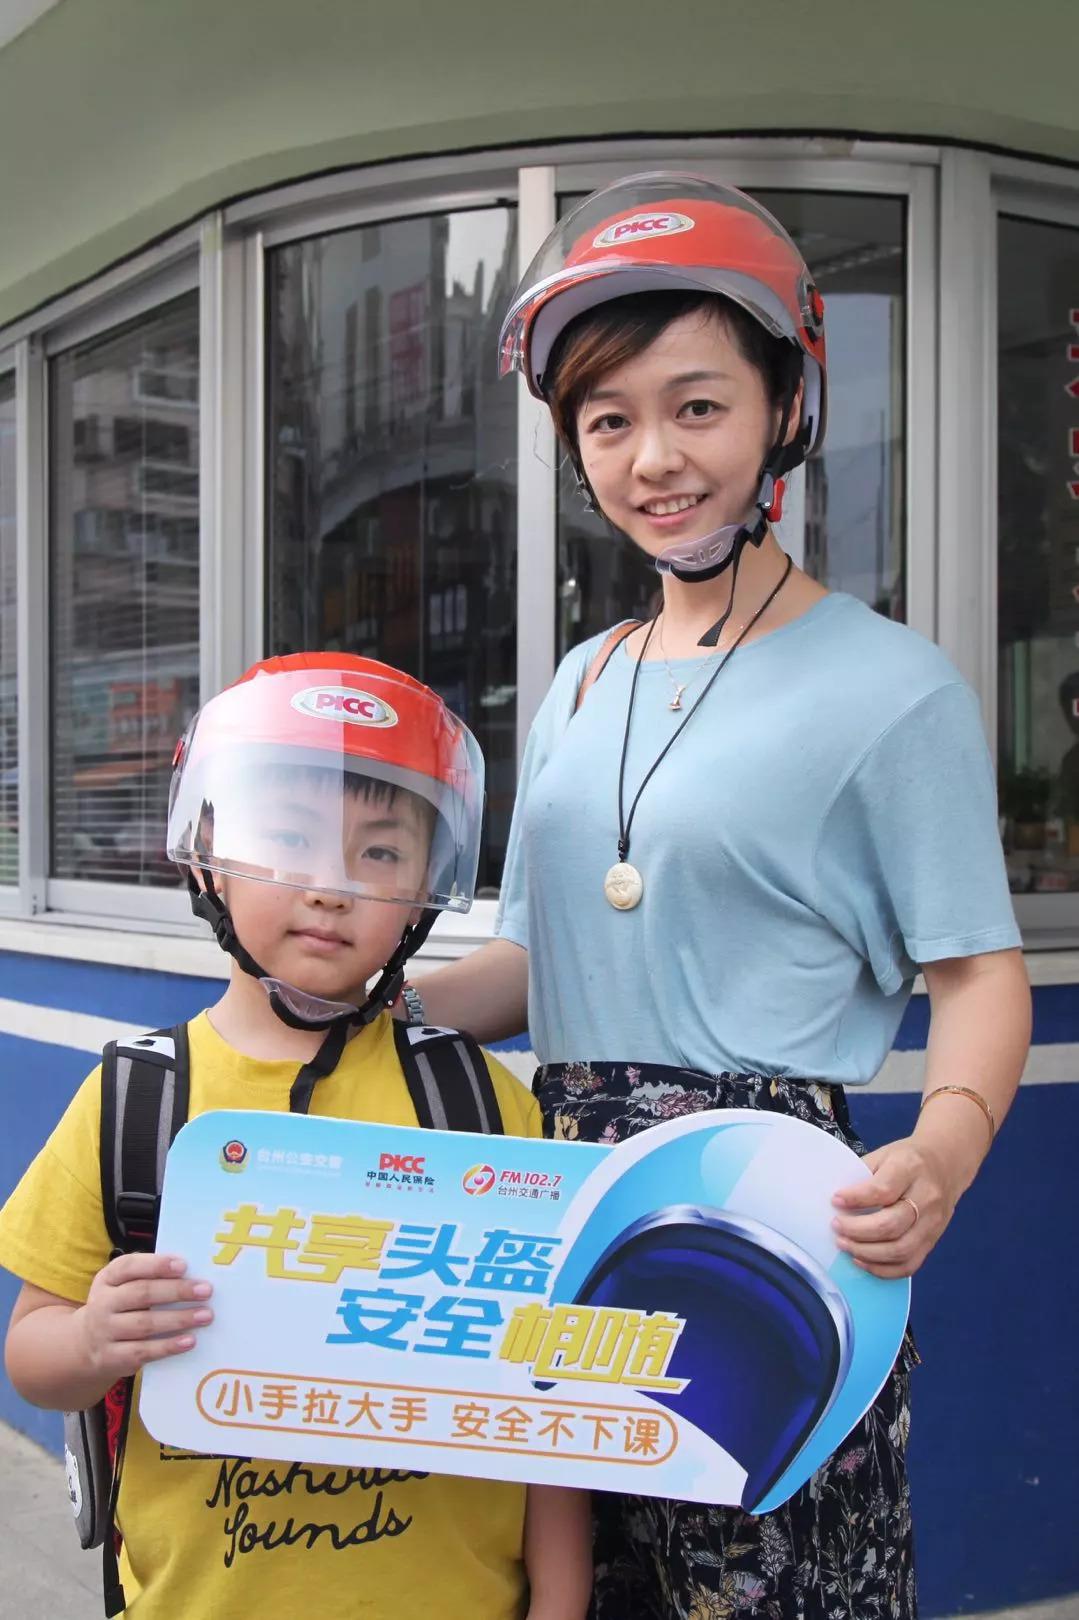 """台州交警""""共享头盔""""很走心 铁汉柔情的明星在朋友圈点赞"""